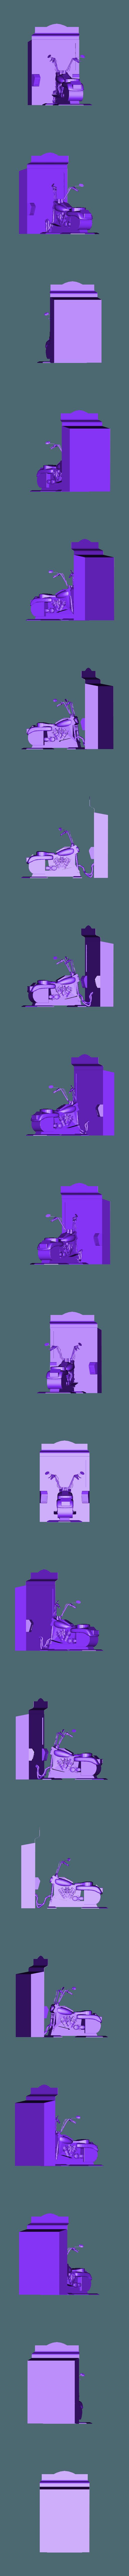 Slot_machine_Harley_Davidson_N230118.obj Télécharger fichier OBJ gratuit High n Roll • Design à imprimer en 3D, Highnroll